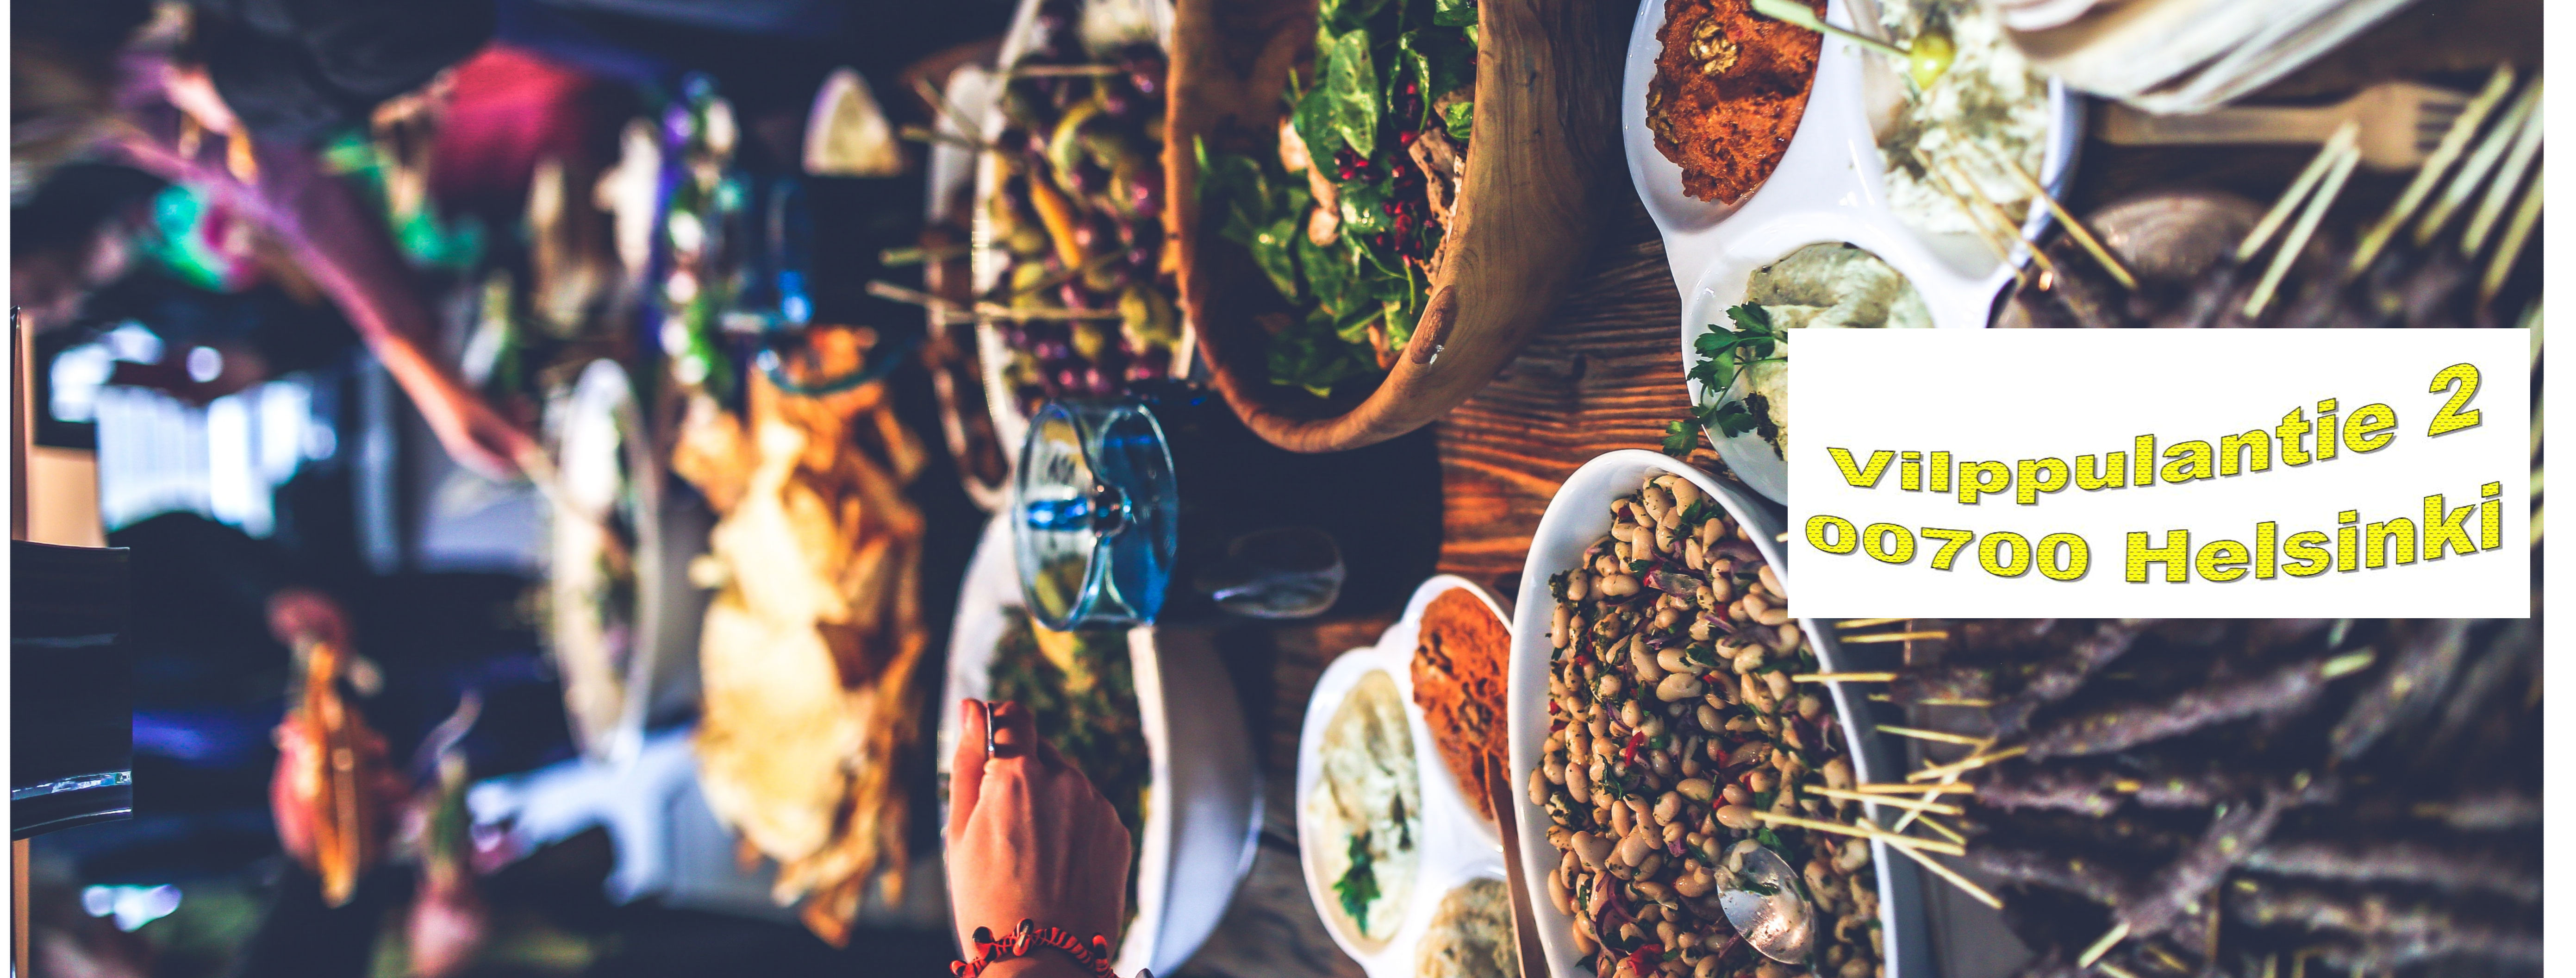 ThaiThai lounas sisältää aina tasapainoisen kokonaisuuden elimistölle tärkeitä vitamiineja, kuituja, rasvahappoja ja mineraaleja. Lounaamme on todellinen makunautinto ja saat aterian eteesi todella nopeasti. Kun lounas sisältää taspainoisen kokonaisuuden eri ravintoaineita, ei iltapäivän väsymys iske.